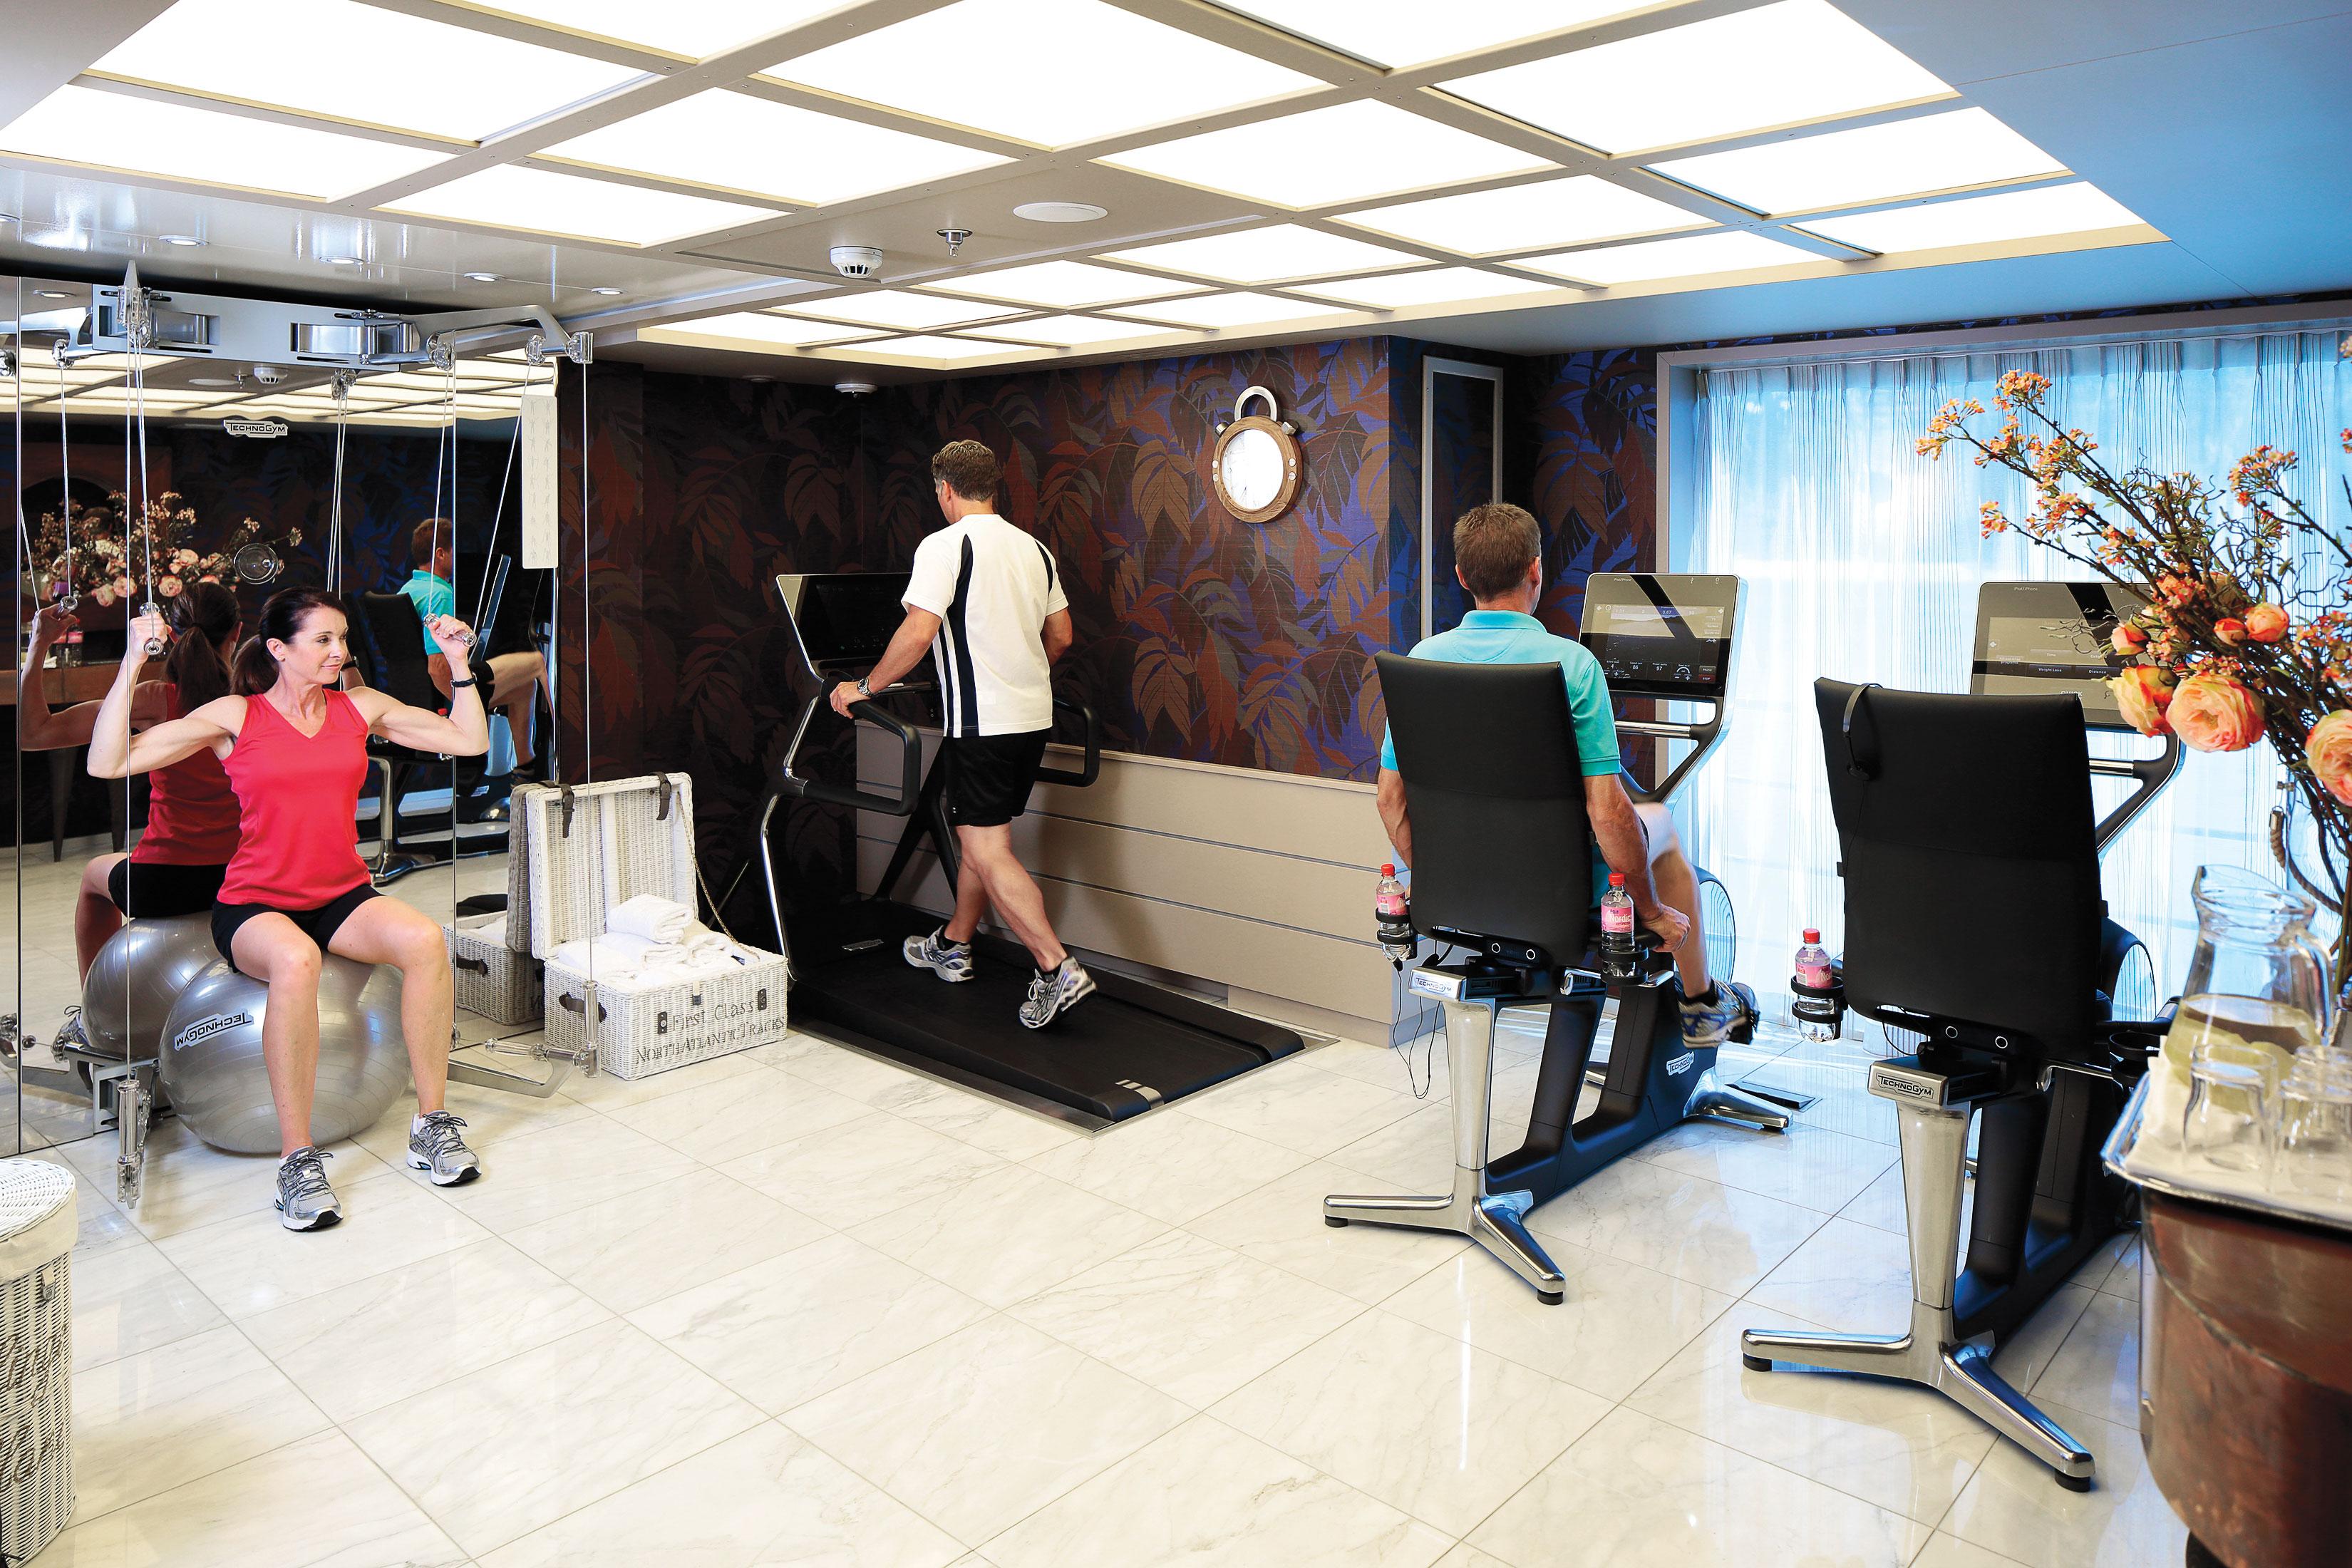 AmaWaterways AmaSerena AmaSonata AmaReina AmaPrima AmaCerto Interior Gym 2.jpg